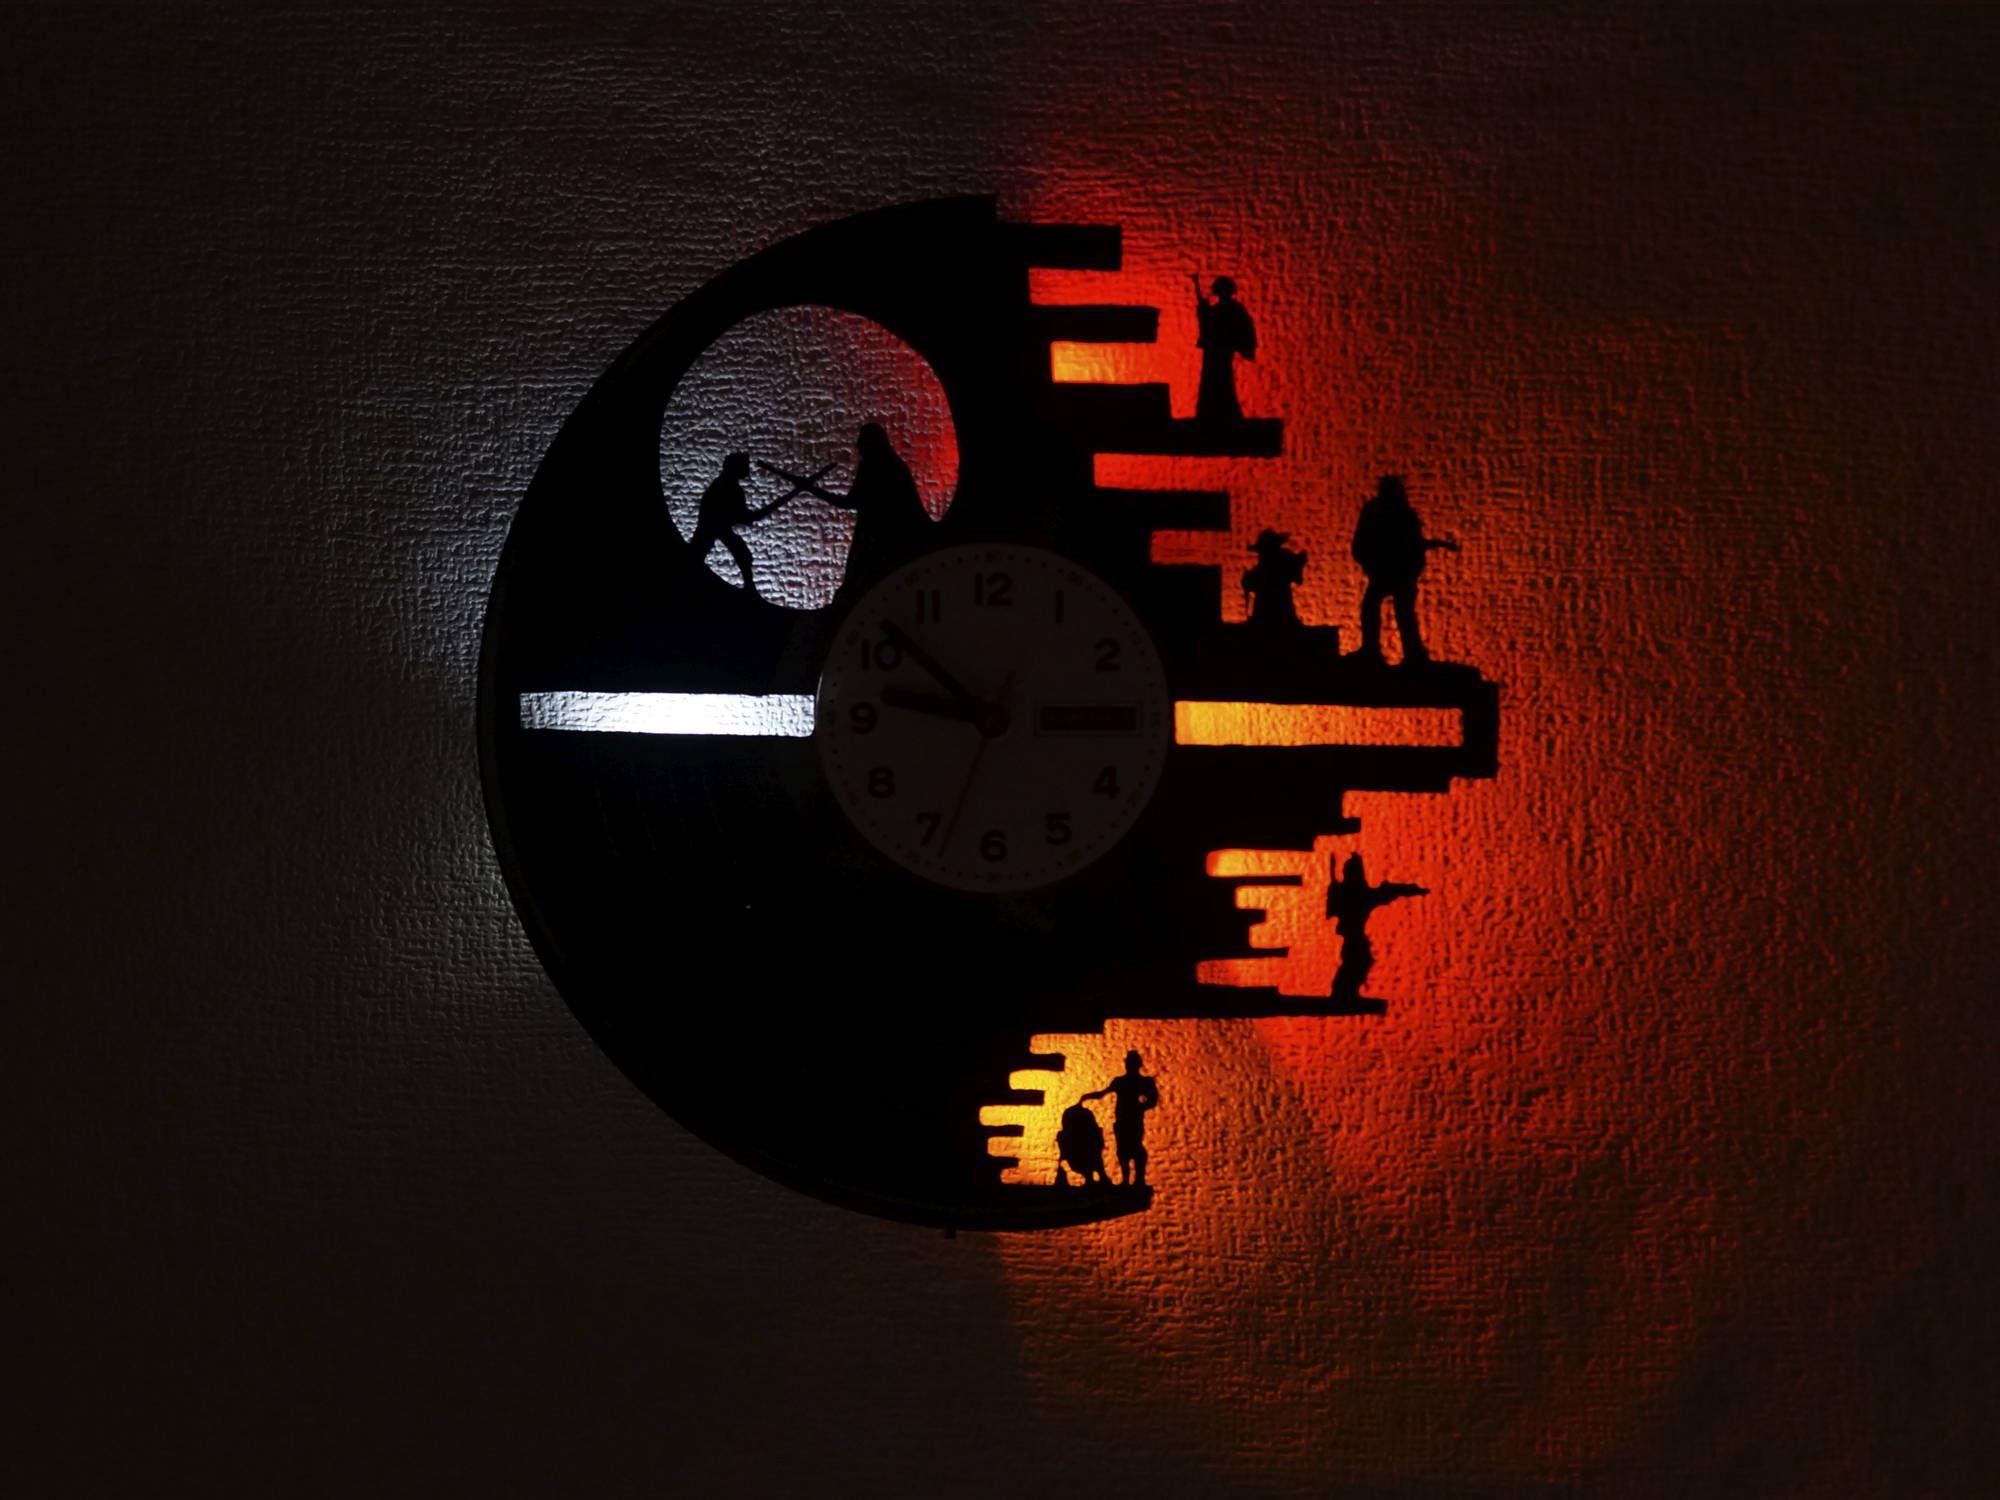 Star Wars Star Wars Wanduhr Vinyl Schallplatte Uhr Vinyl Uhr Led Leuchten Steampunk Wanduhr Nachthimmel Ki Wanduhr Schallplatten Uhr Vinyl Schallplatten